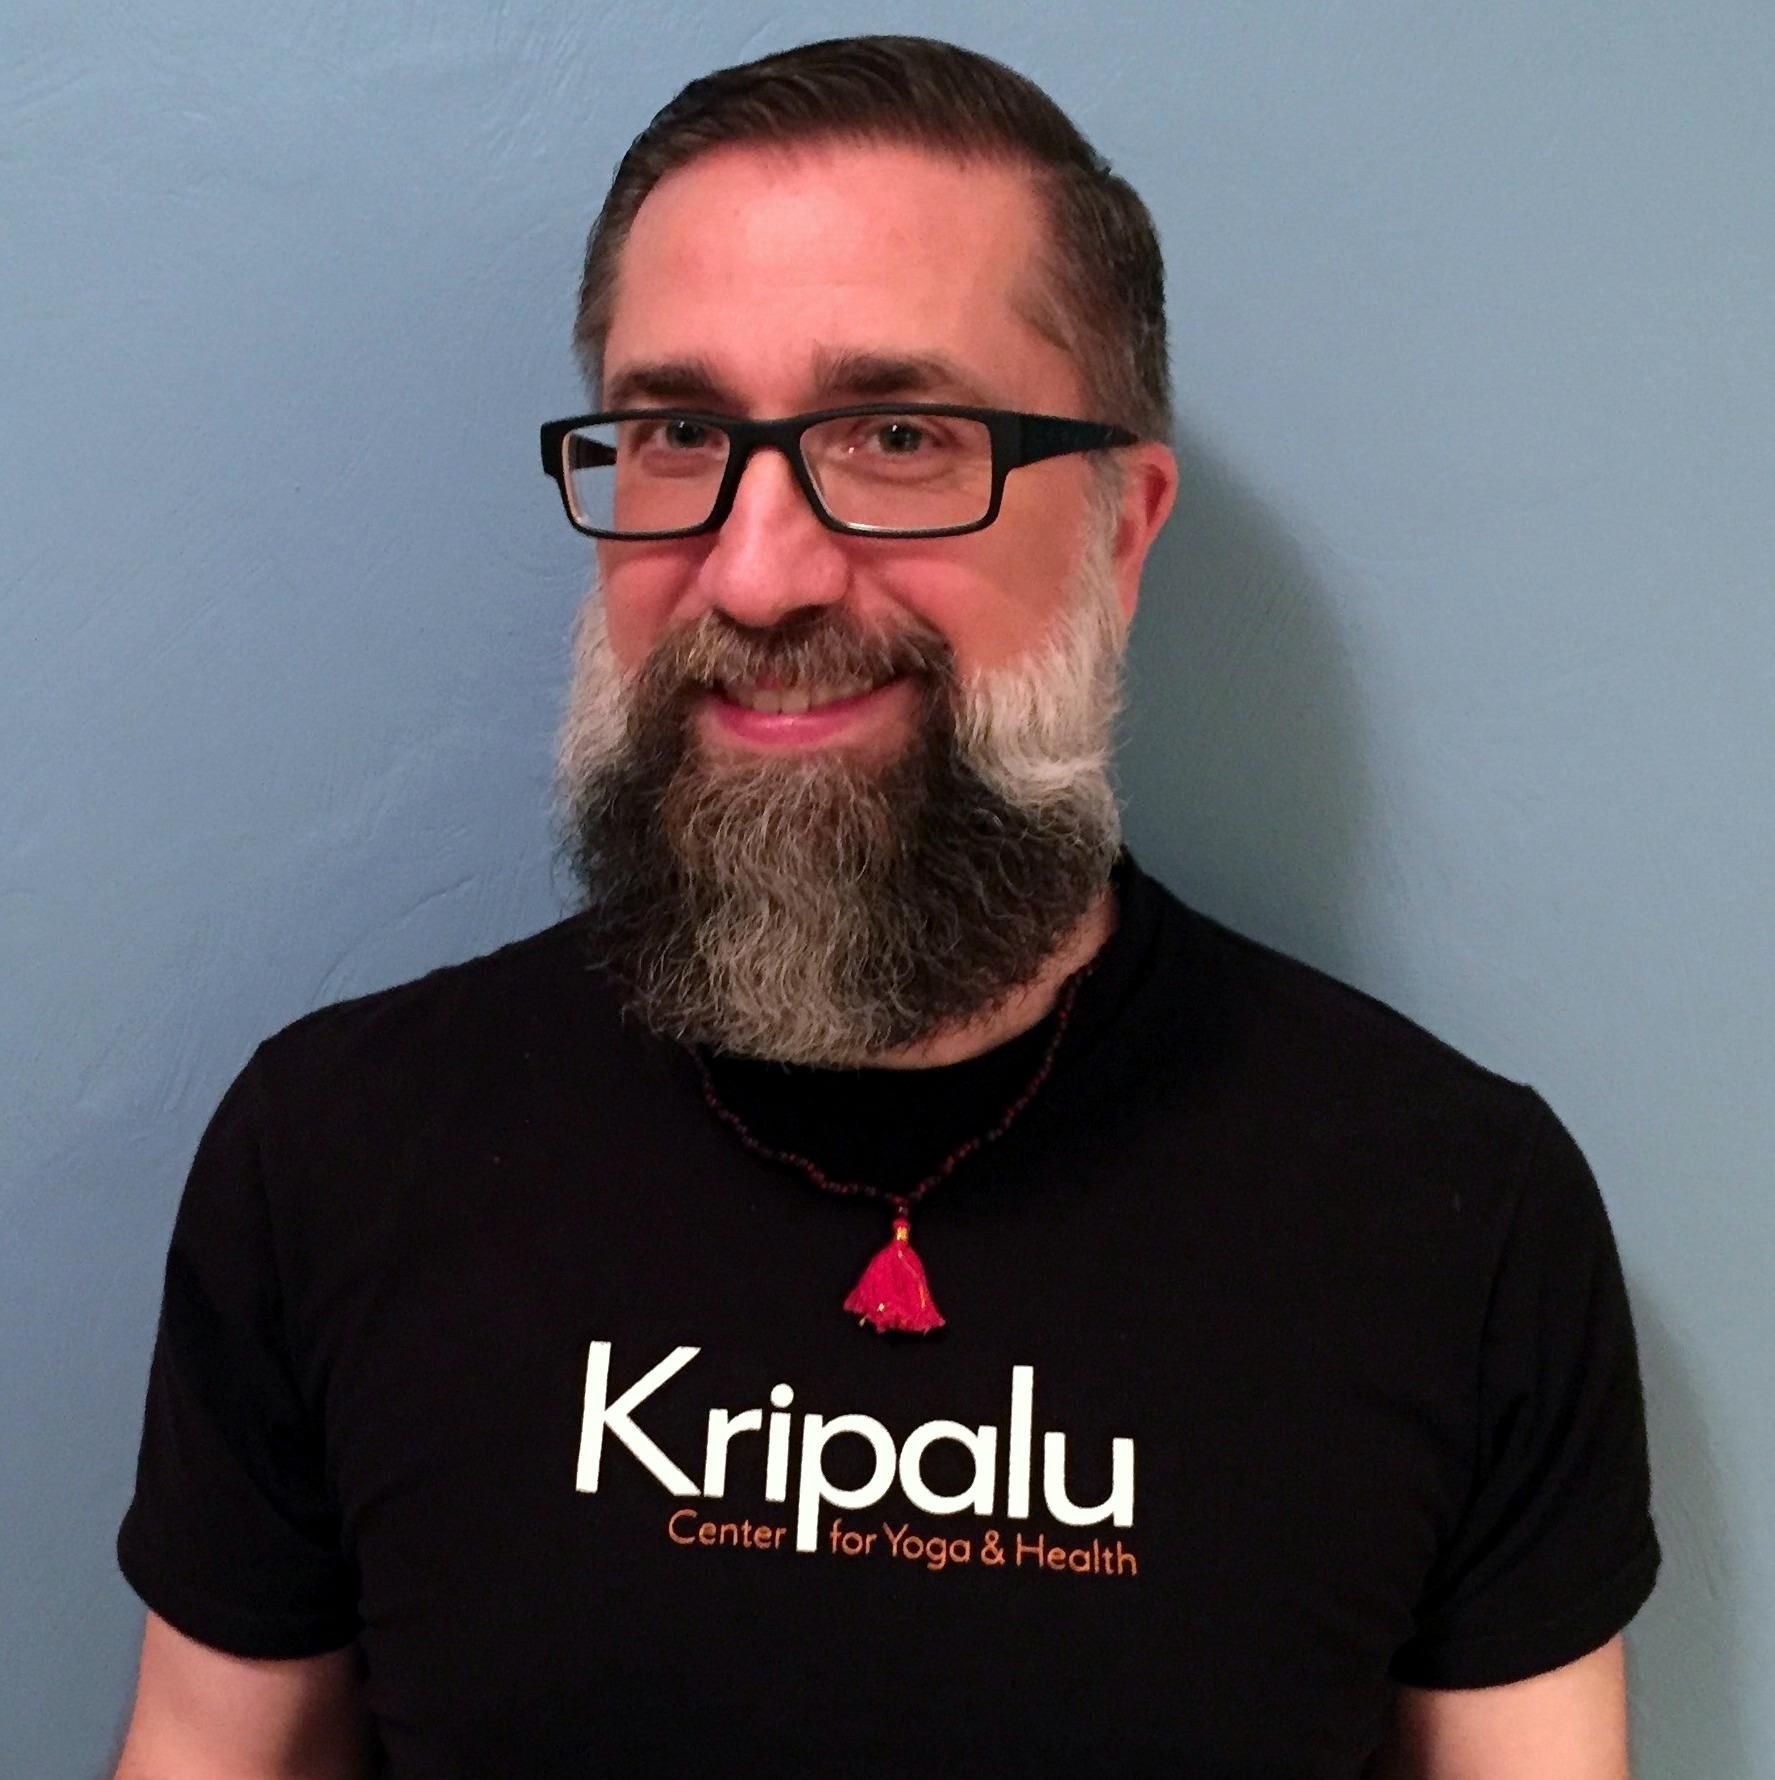 kripalu-yoga-teacher-michael-patrick.JPG